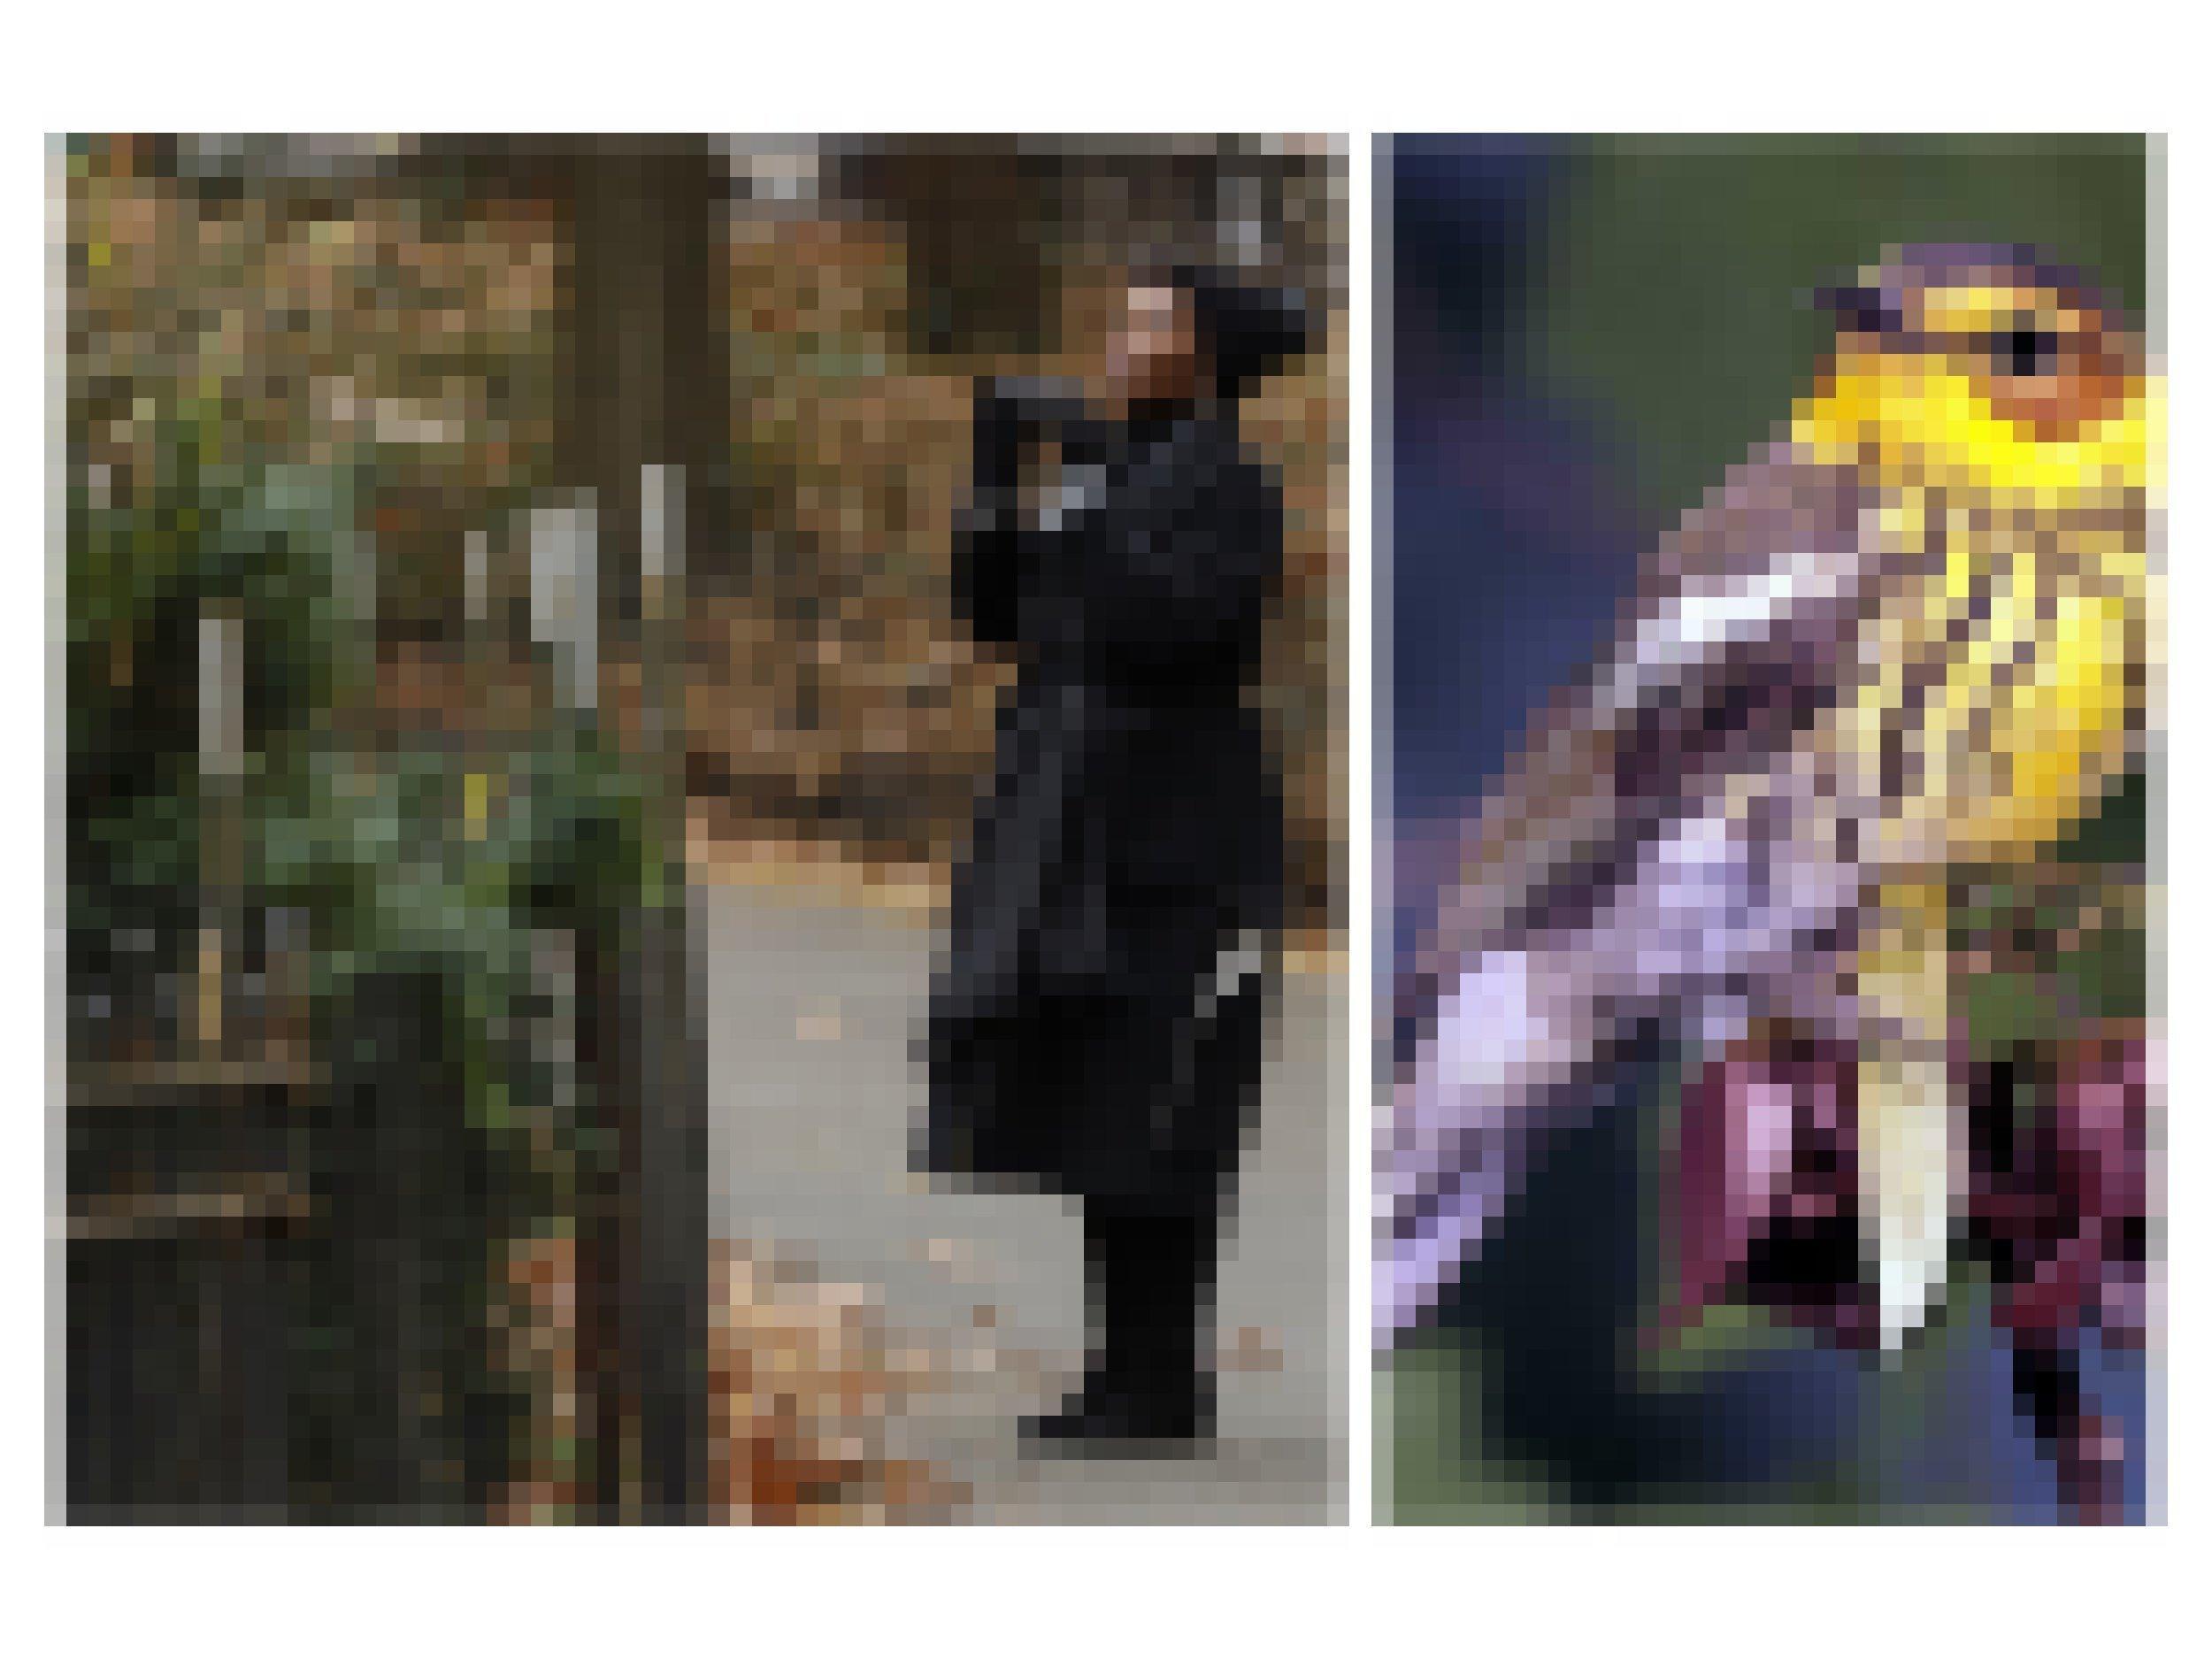 Anne, eine schwarze Frau, im Park mit Fernglas. Der Waldsänger im Portrait, ein gelb-brauner Singvogel.